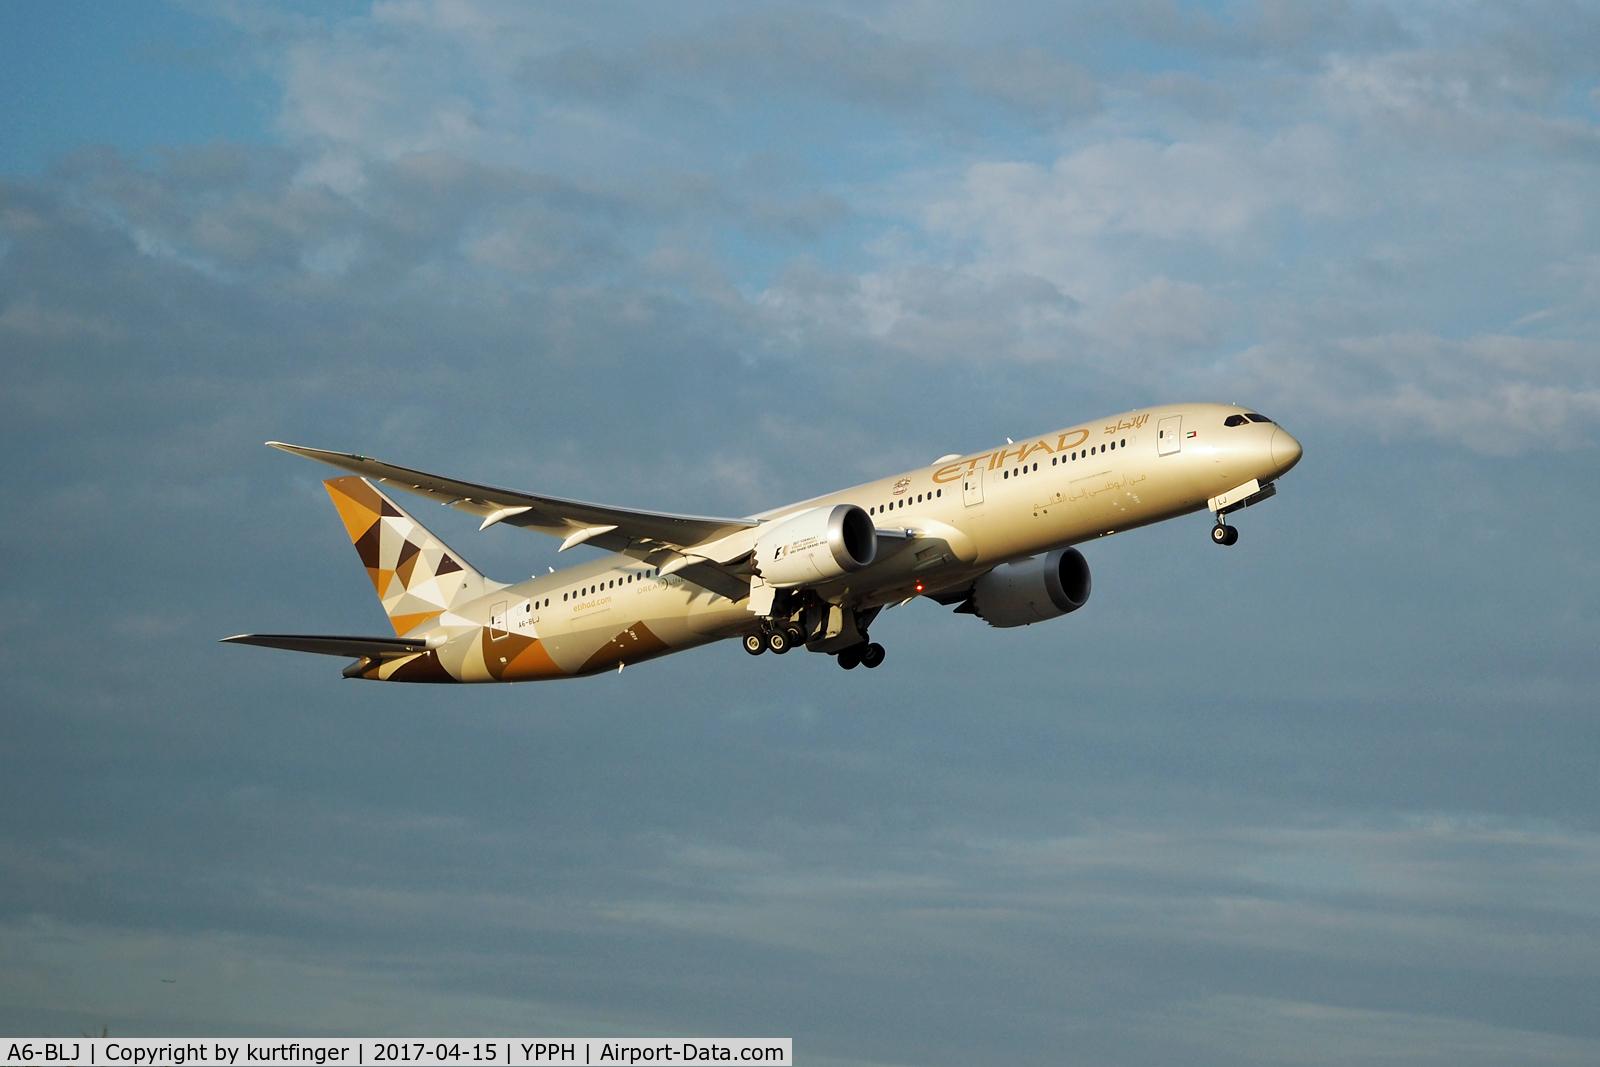 A6-BLJ, 2016 Boeing 787-9 Dreamliner Dreamliner C/N 39657, Boeing 787-9. Etihad  A6-BLJ. Departed runway 21, Perth Int'l.